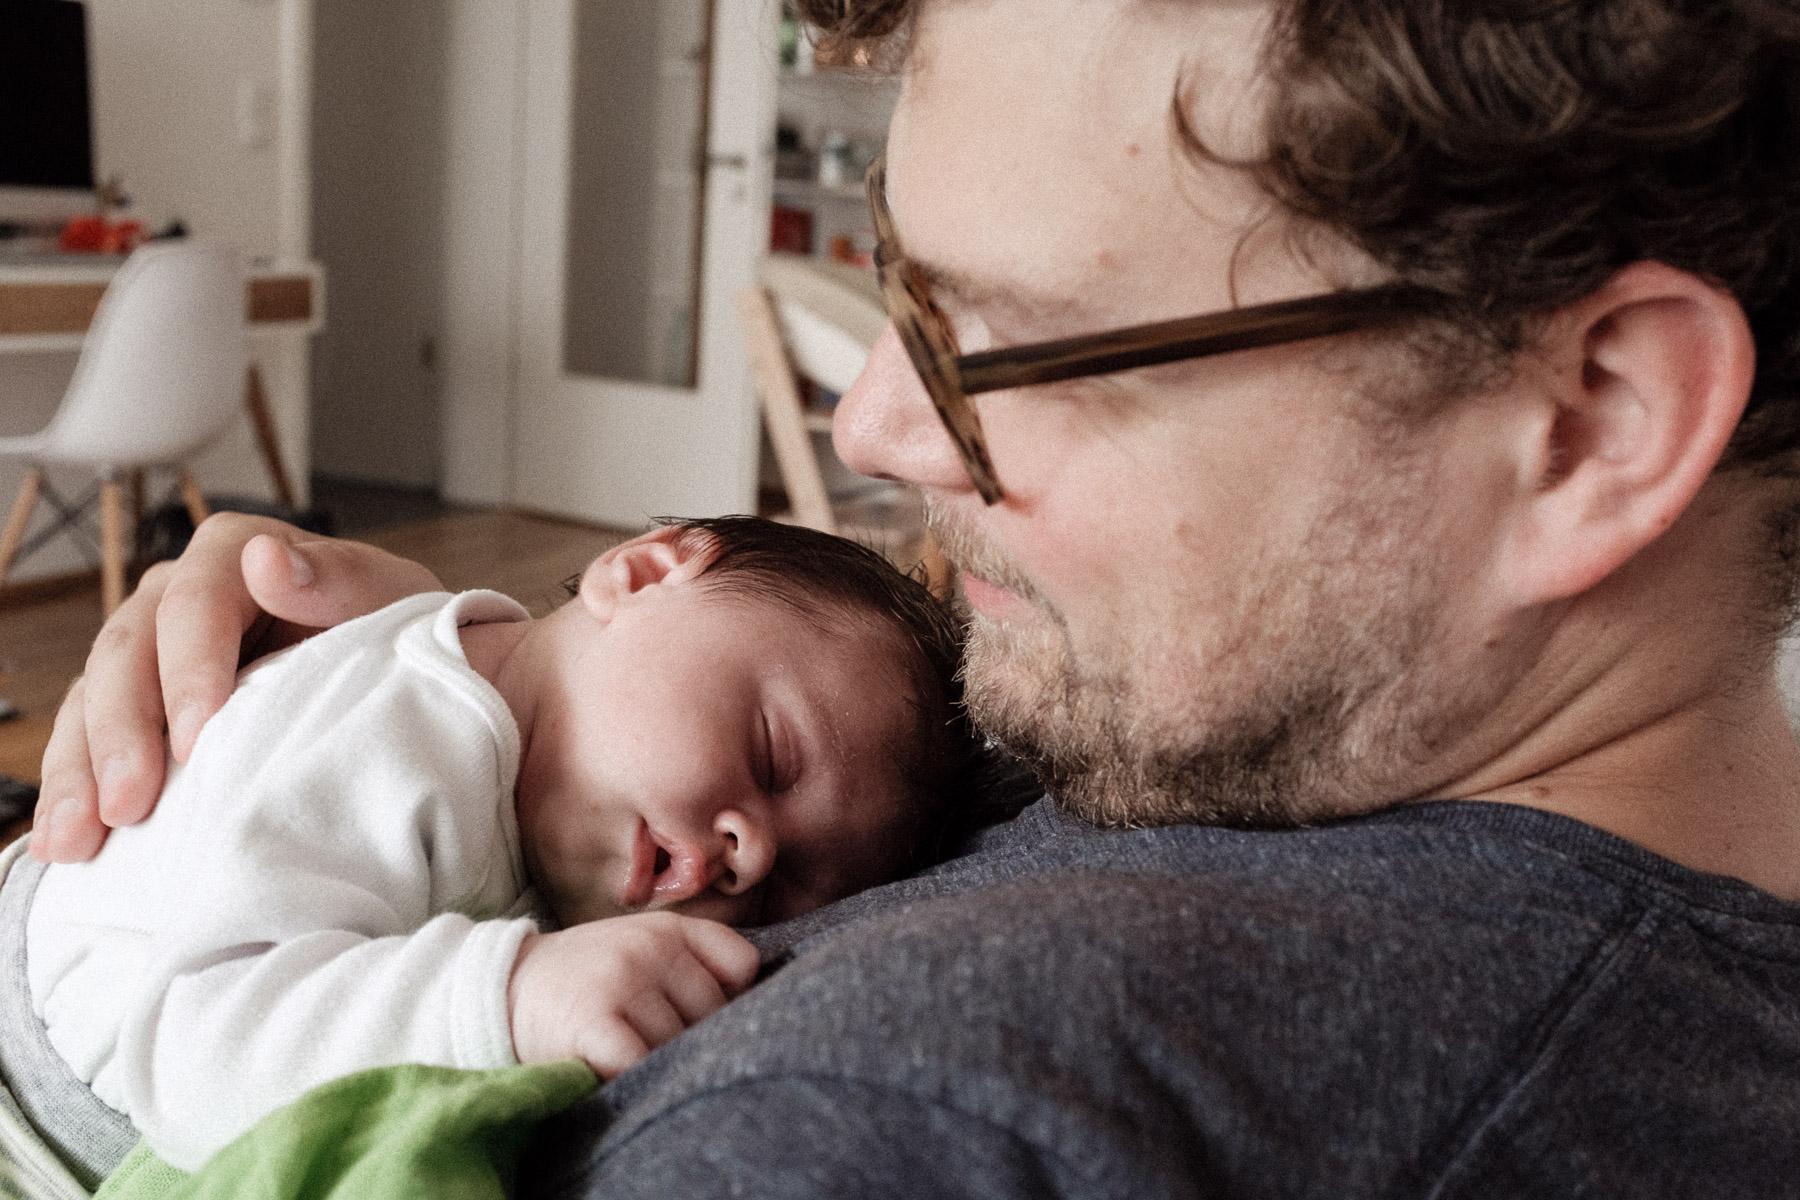 Martin_Liebl_Kein_Familienfotograf_M_Blog_14.jpg